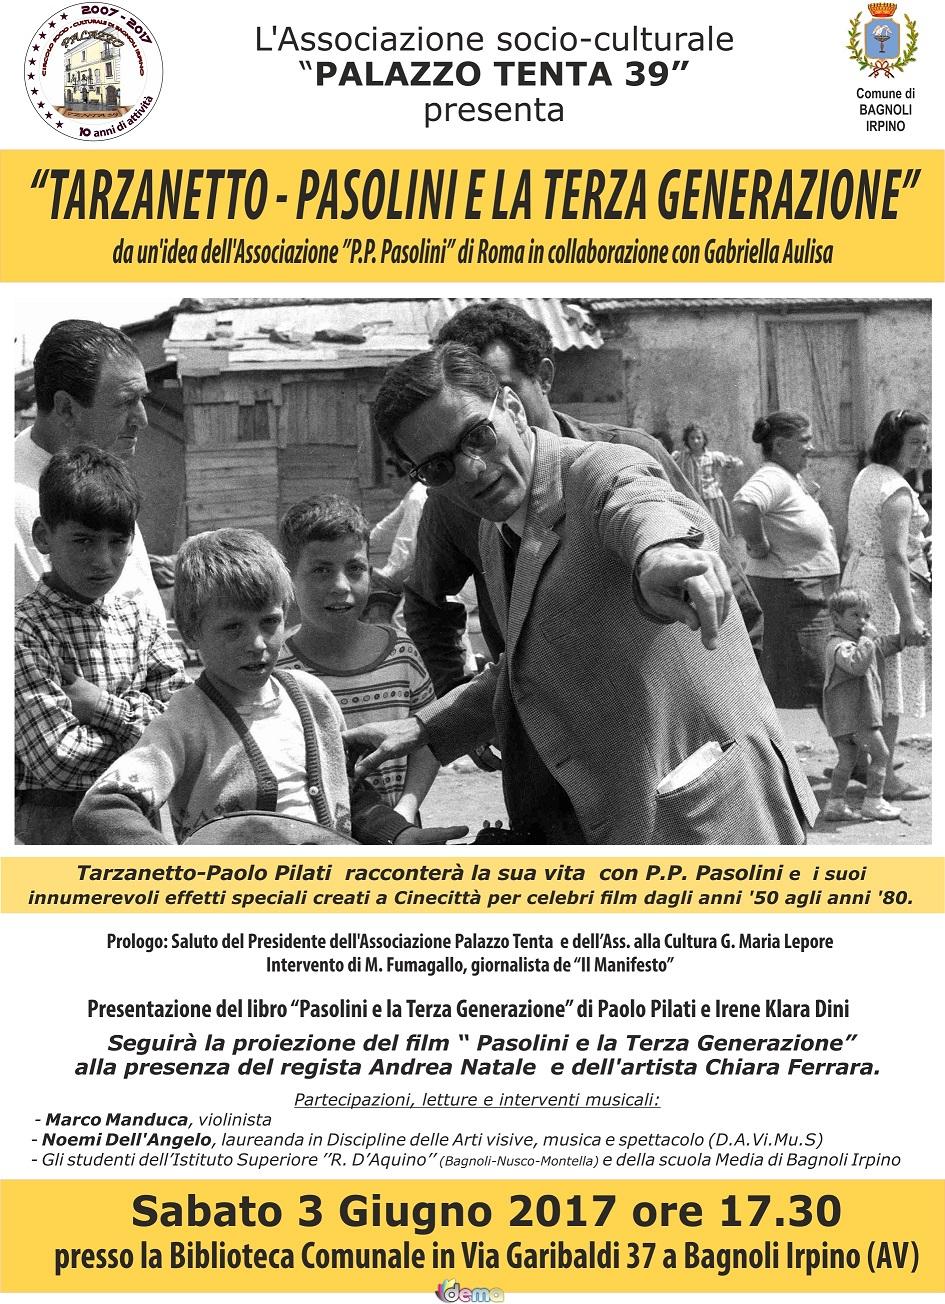 locandina-presentazione-pasolini-03.06.2017